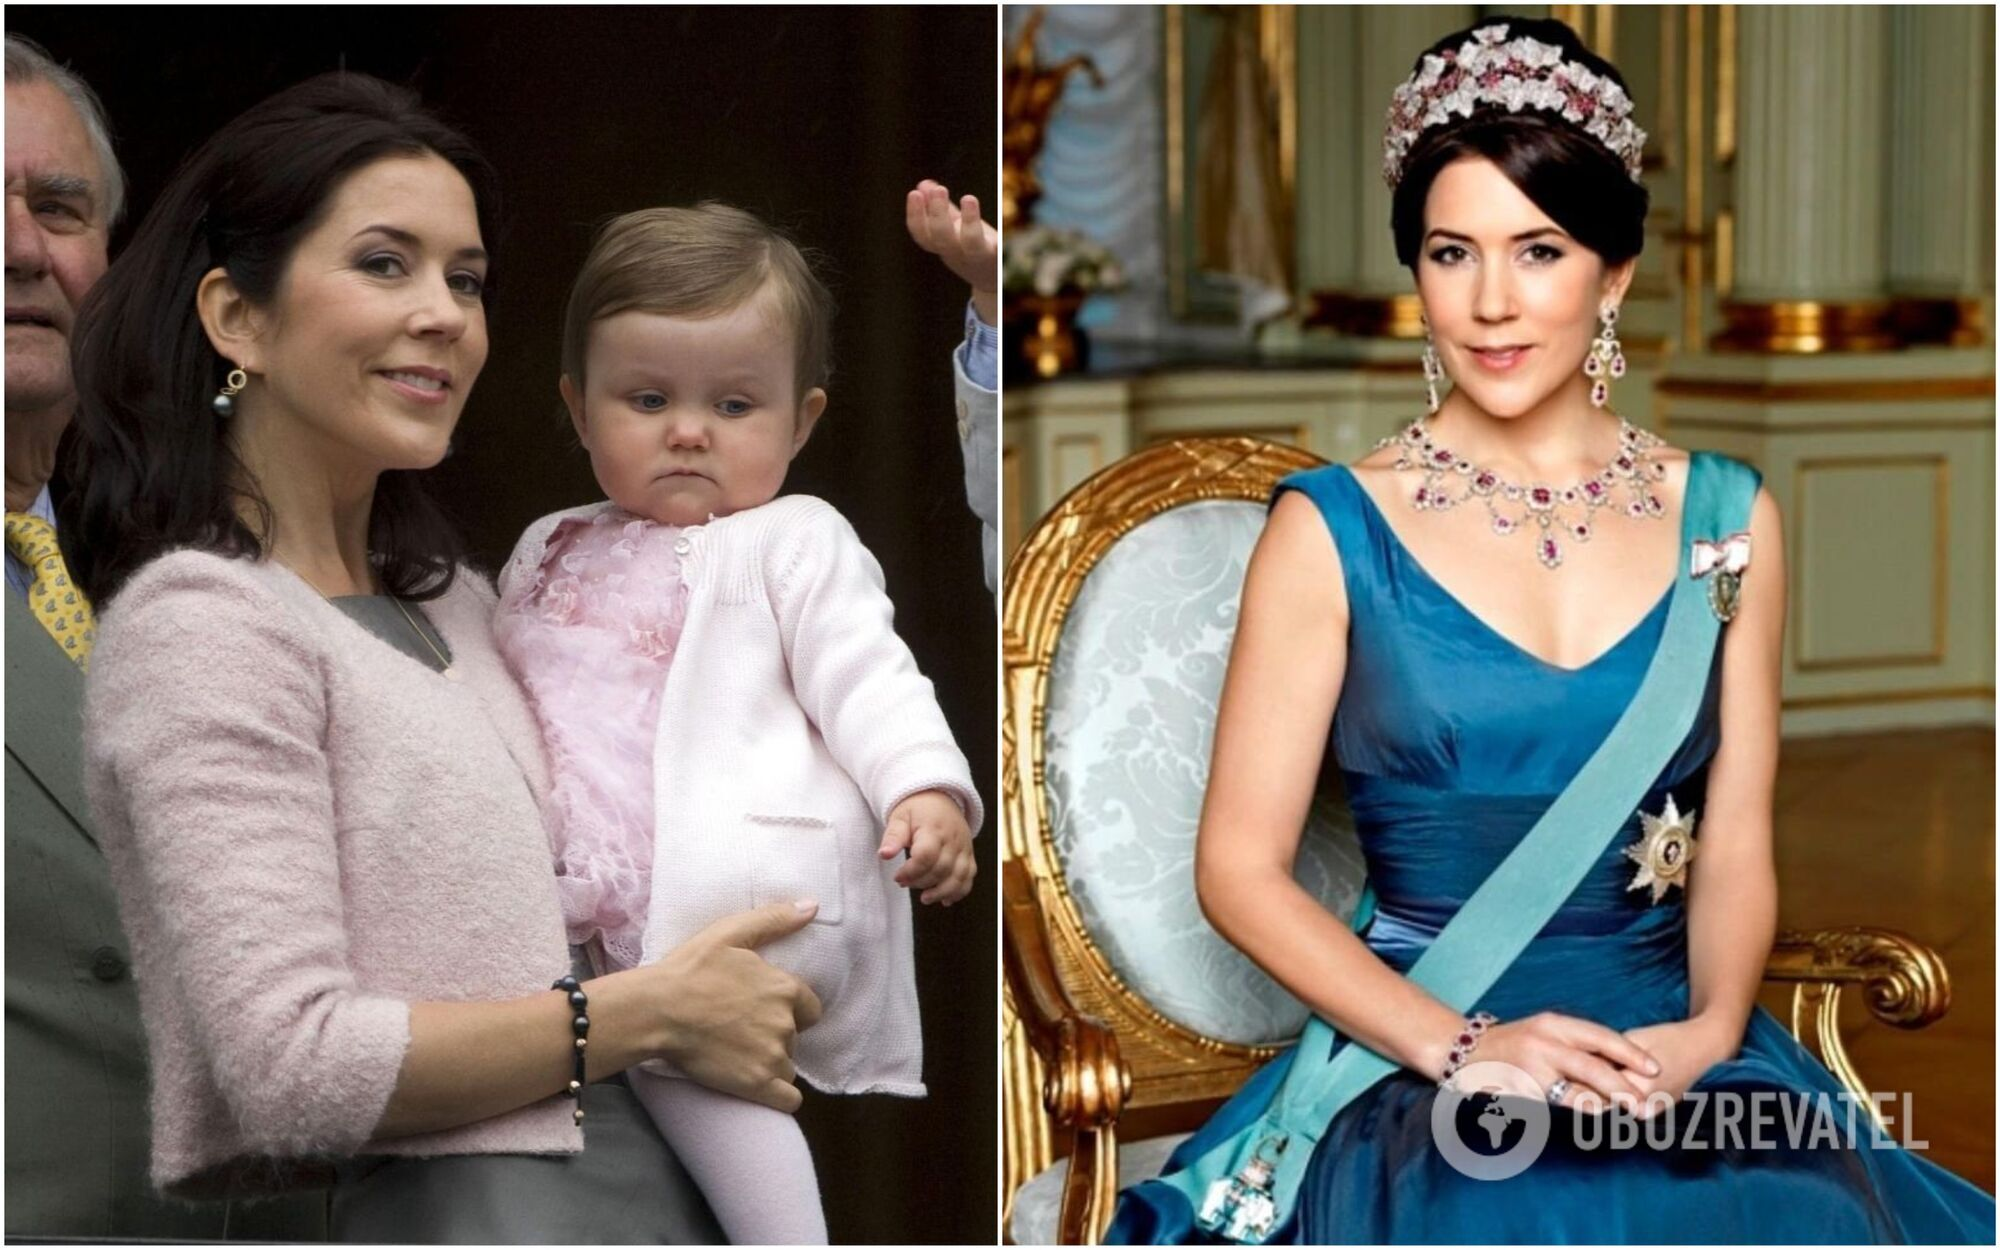 По слухам, принцесса Дании Мари раньше участвовала в оргиях